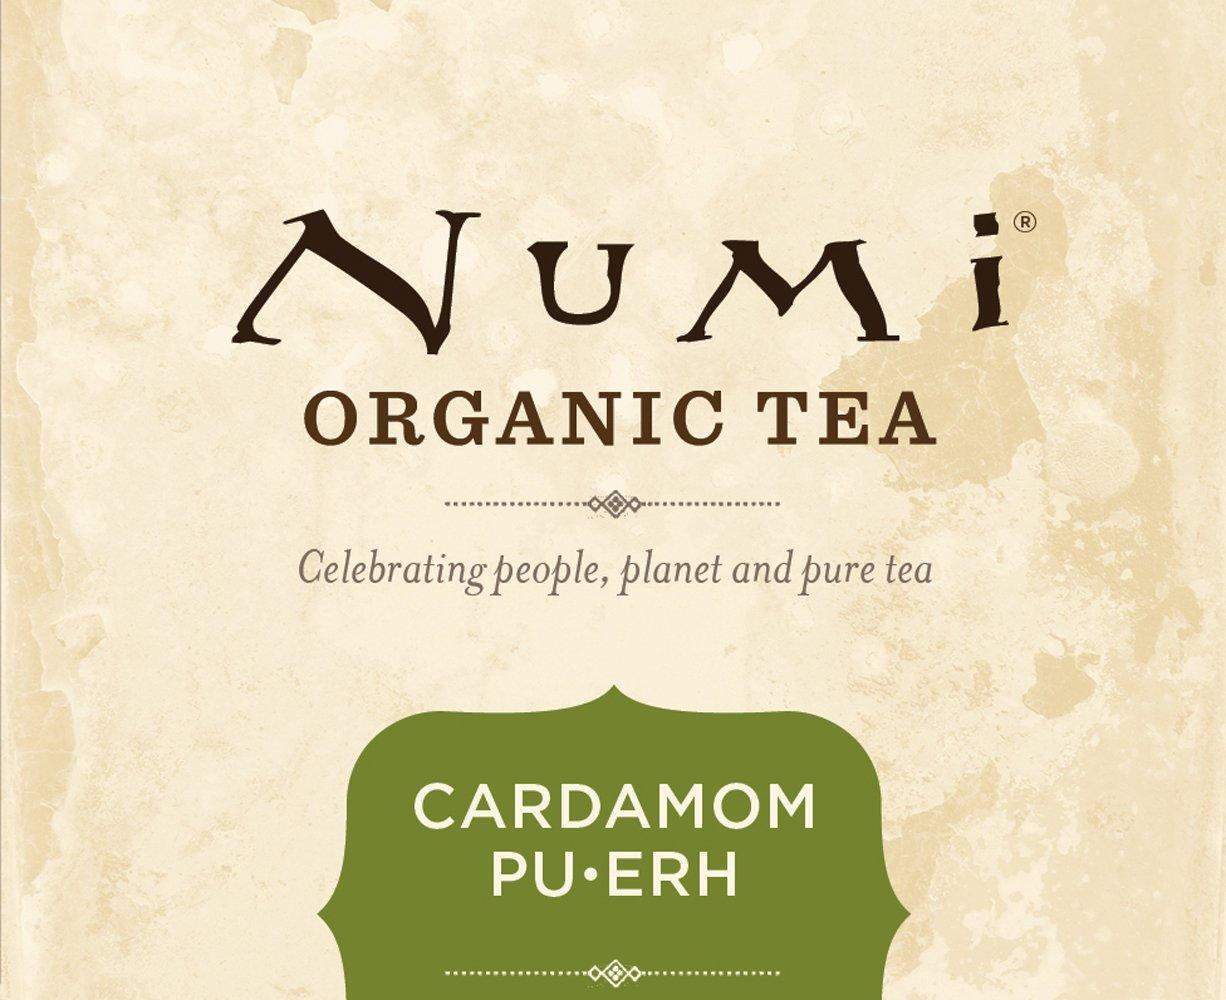 Amazon.com : Numi Organic Tea Cardamom Pu-erh Tea Bags, 16-Count ...